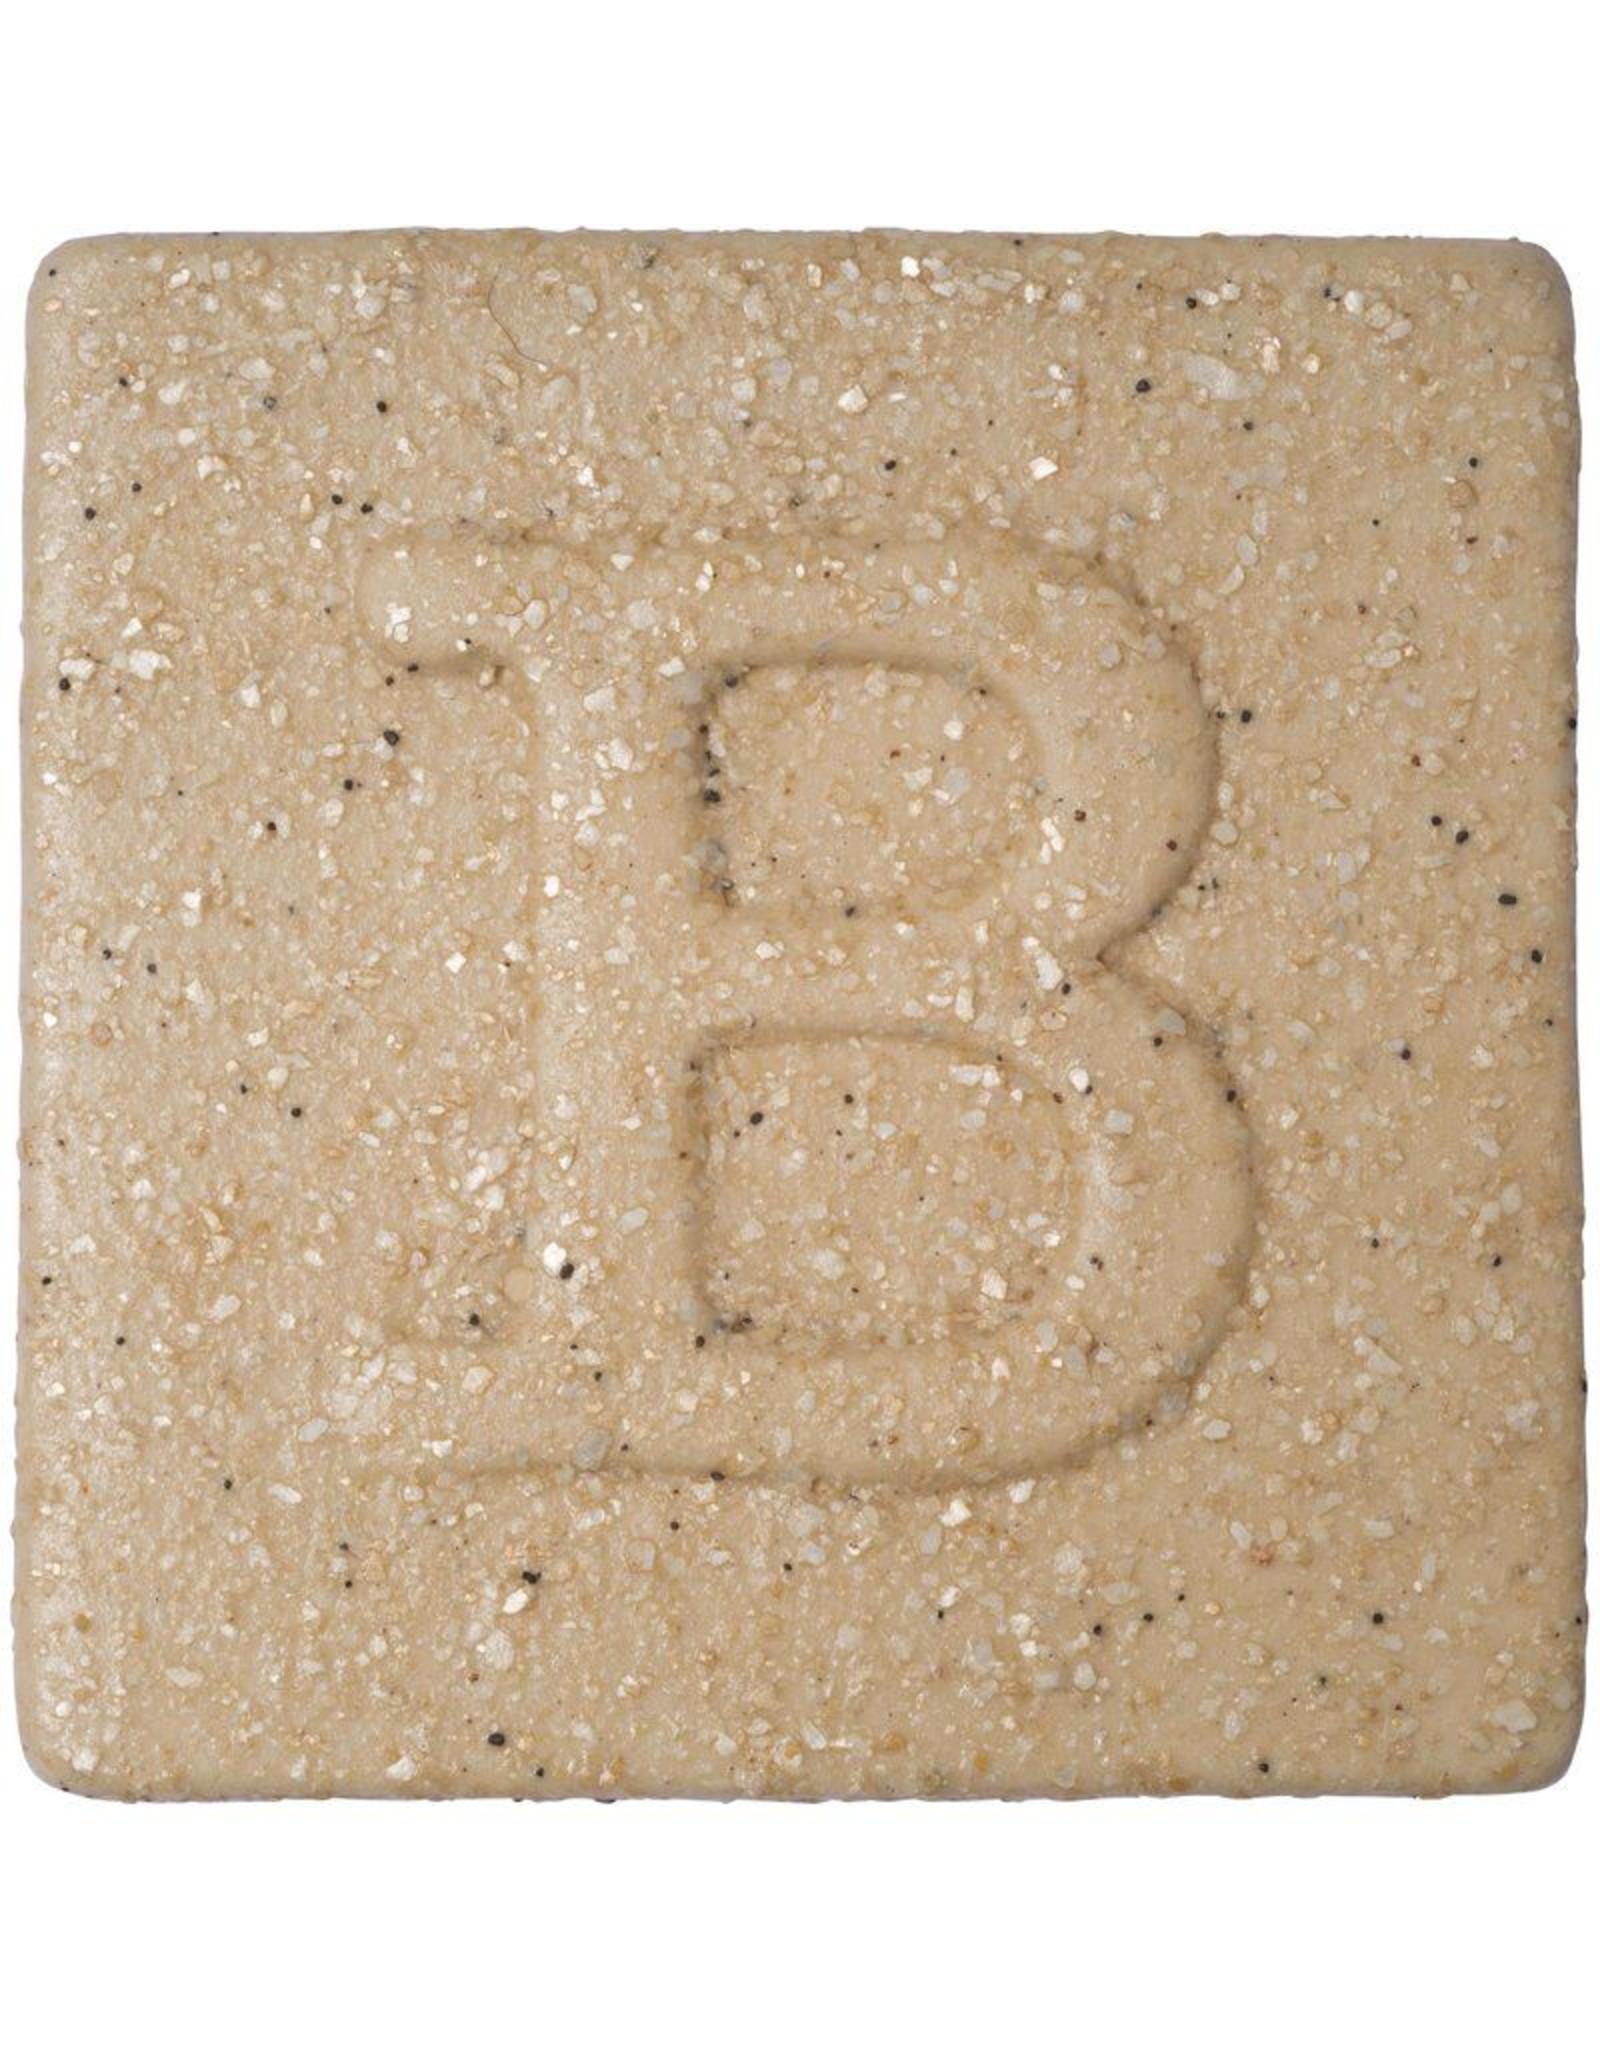 Botz Sand Glimmer 200ml